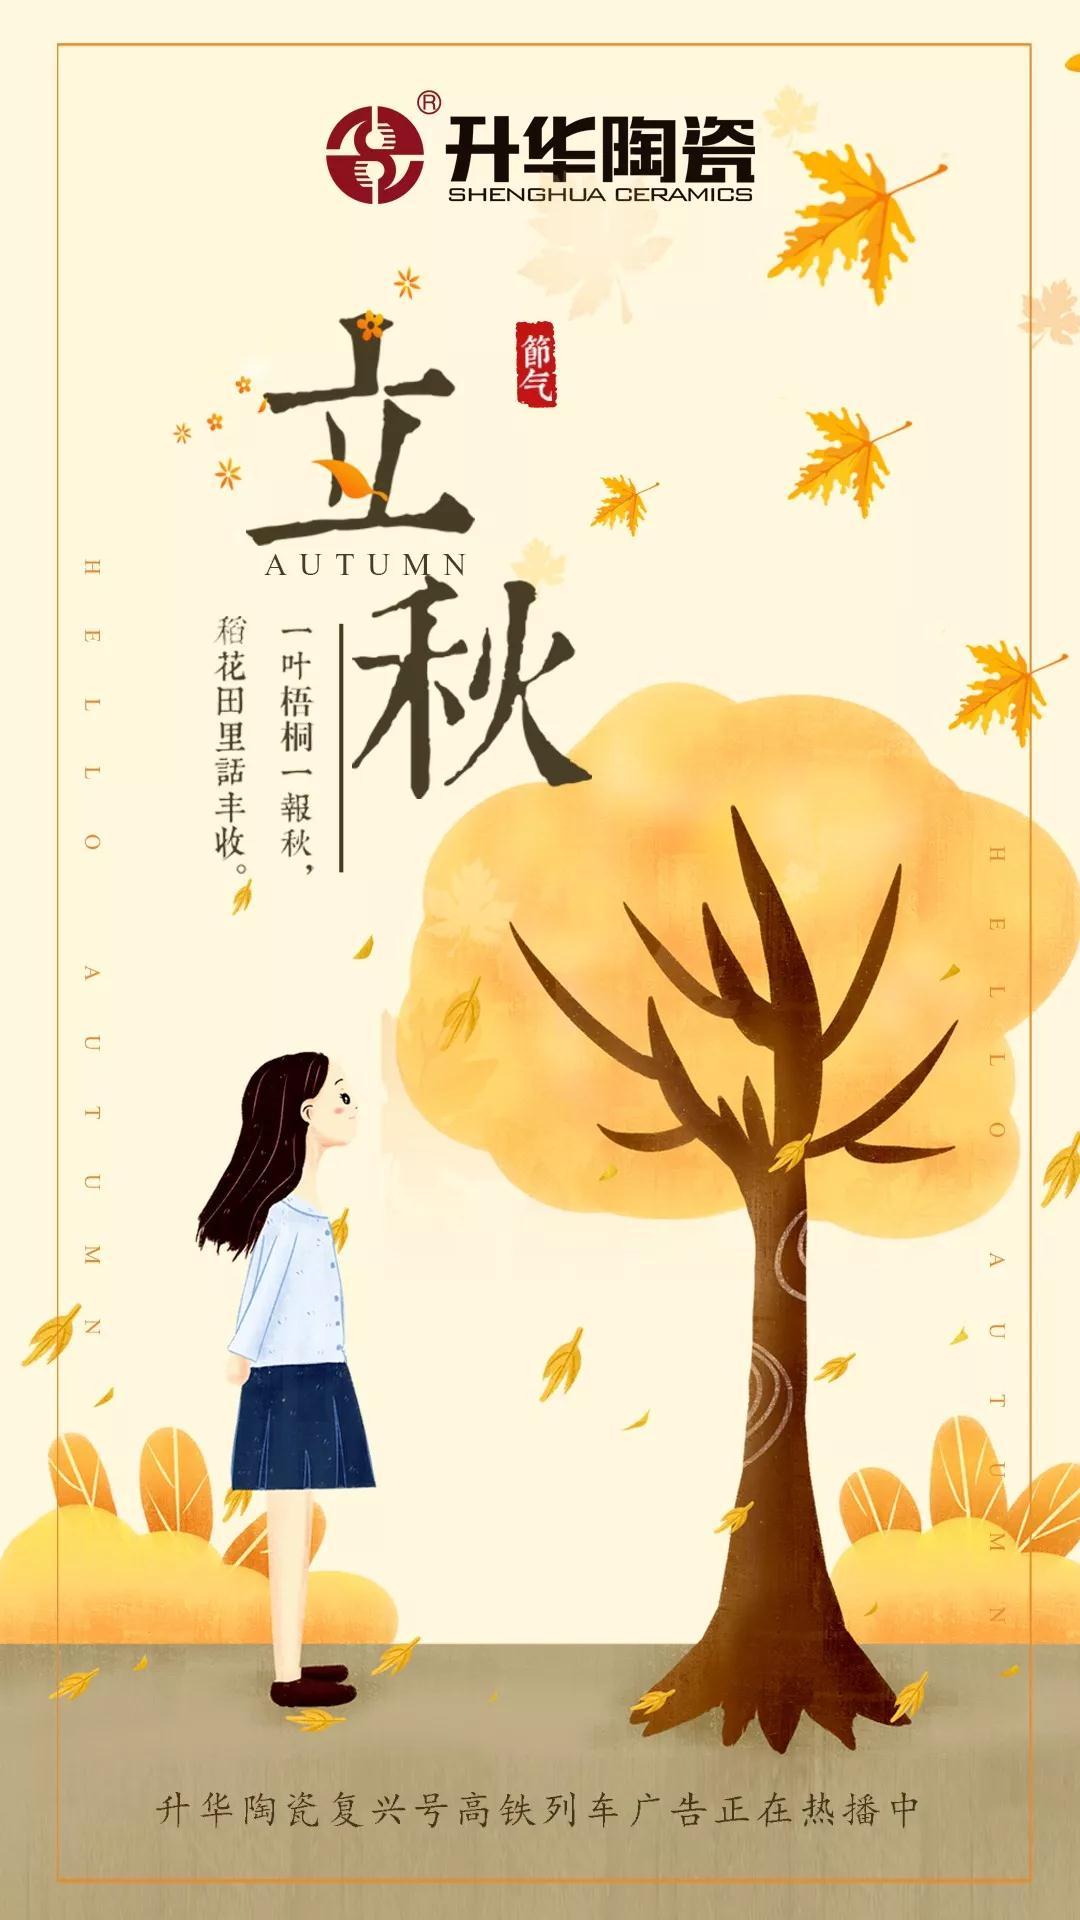 八月至,立秋到 立秋,是秋天的第一个节气 暑去凉来,禾谷成熟 虽然时